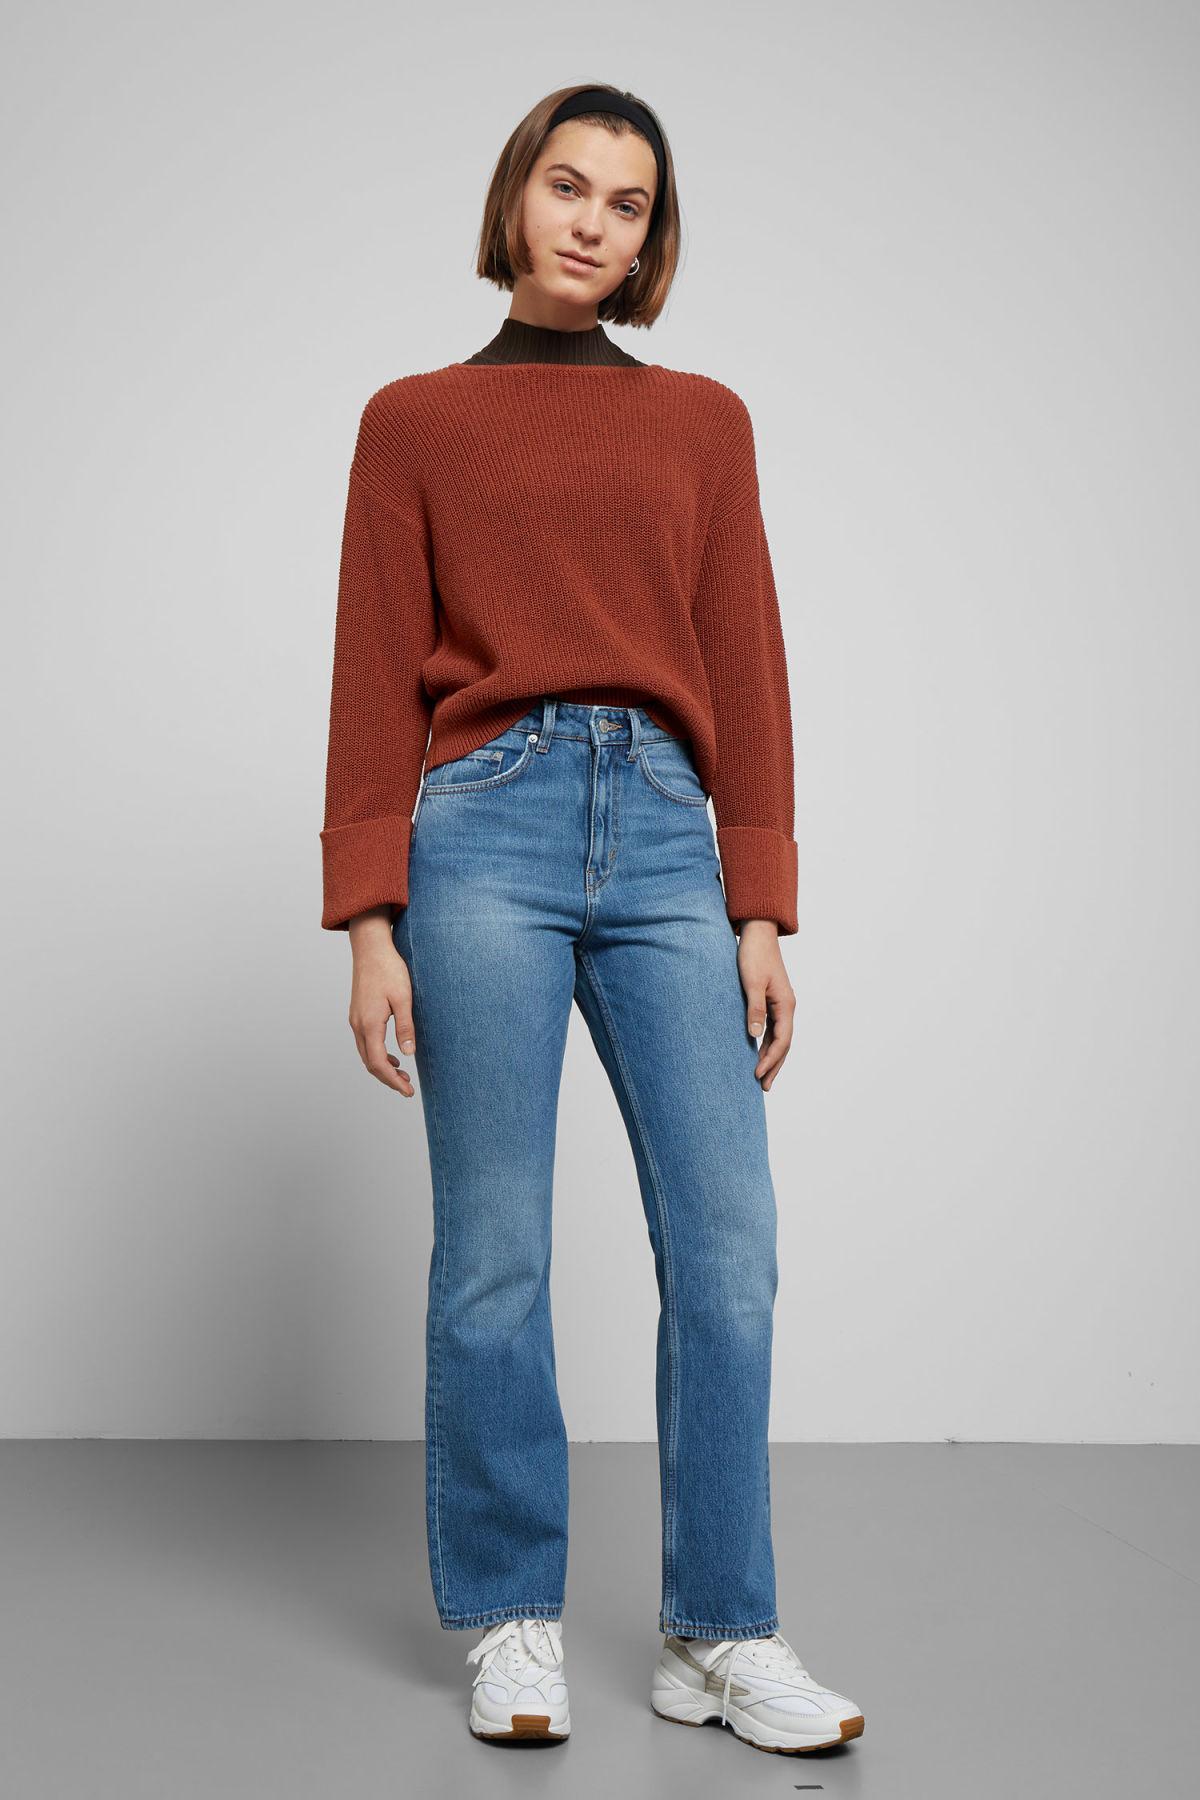 Weekday - Orange Lucinda Sweater - Lyst. View fullscreen 17e8c50de